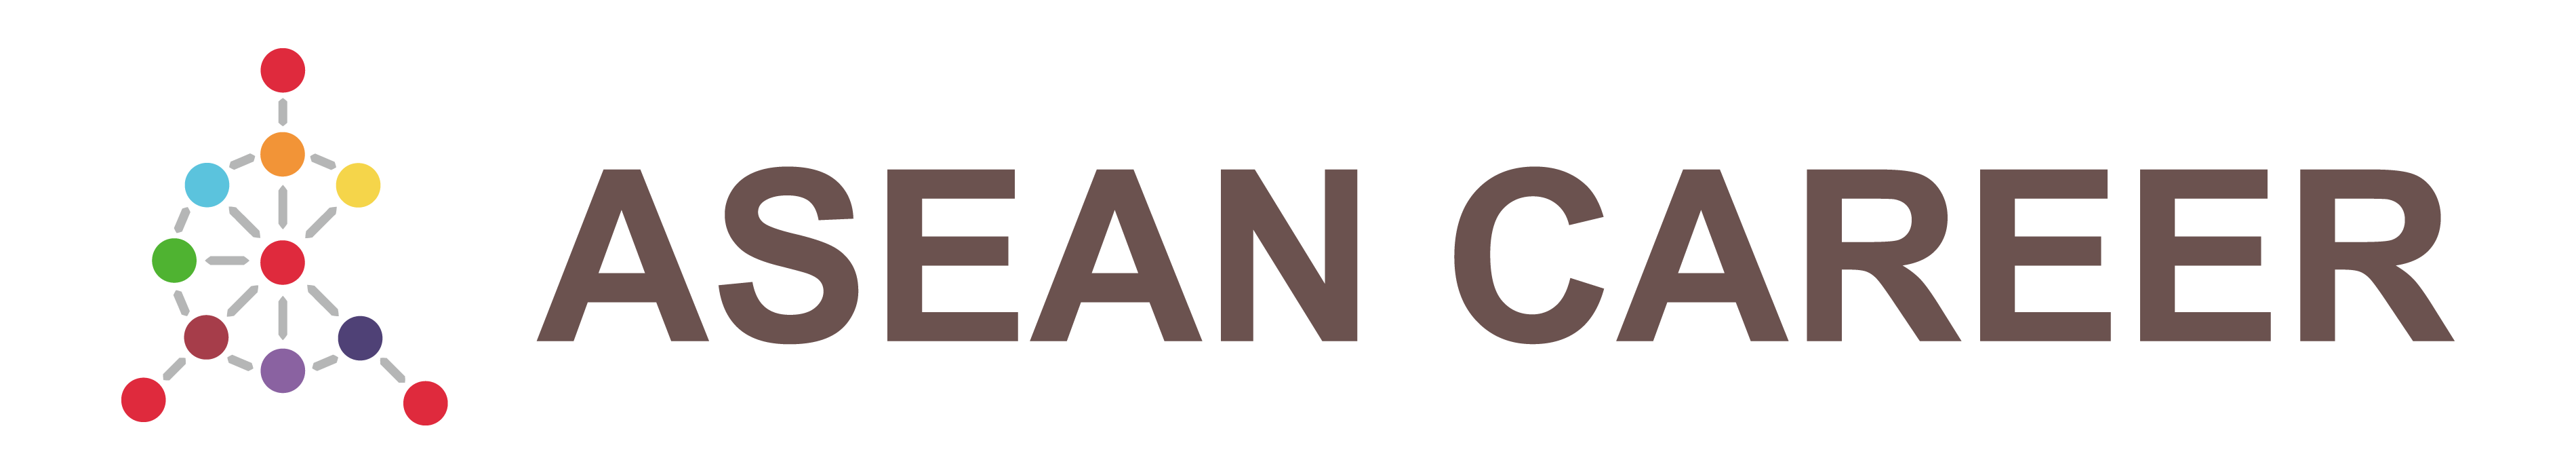 当社運営のASEAN CAREERロゴ